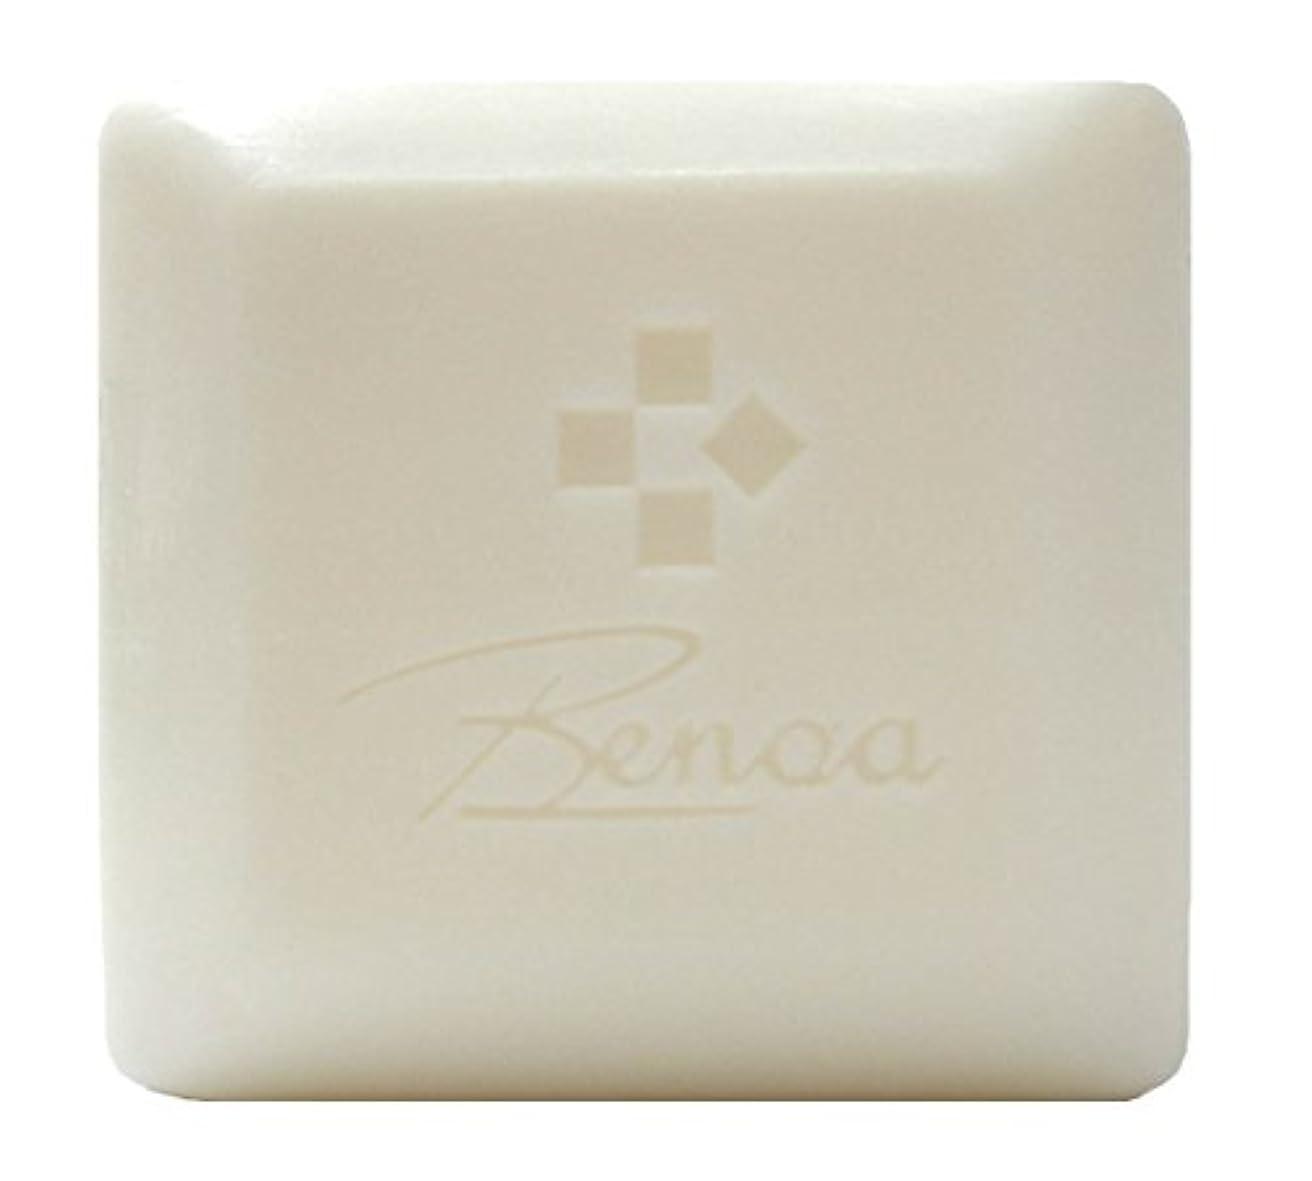 パンチ始まりベンチャー馬油ソープ ベノア 洗顔石鹸 80g